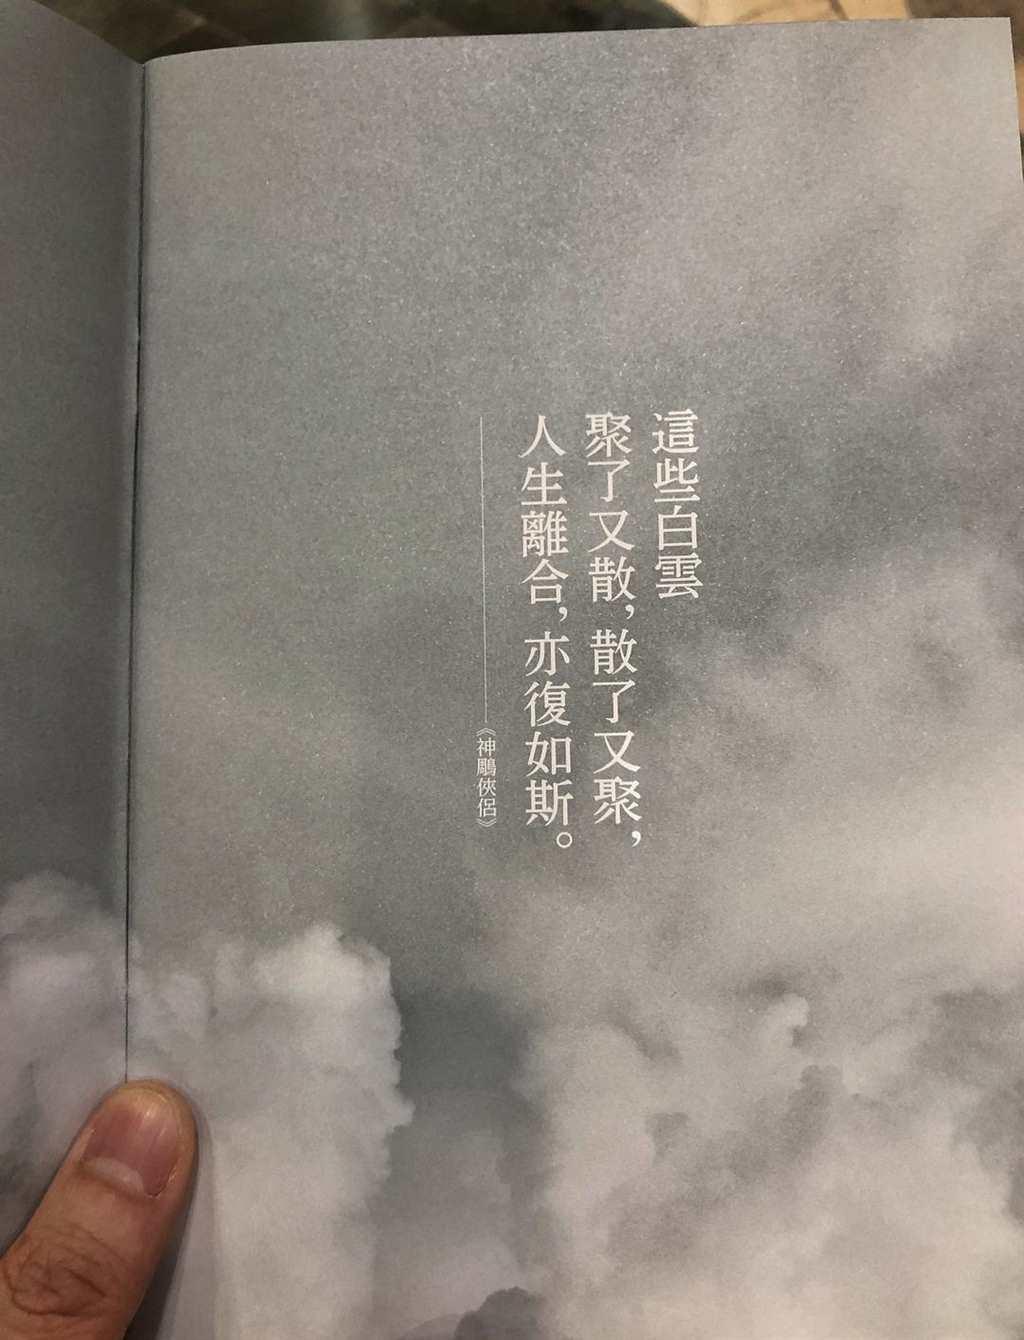 白云聚散,人生离合#书本